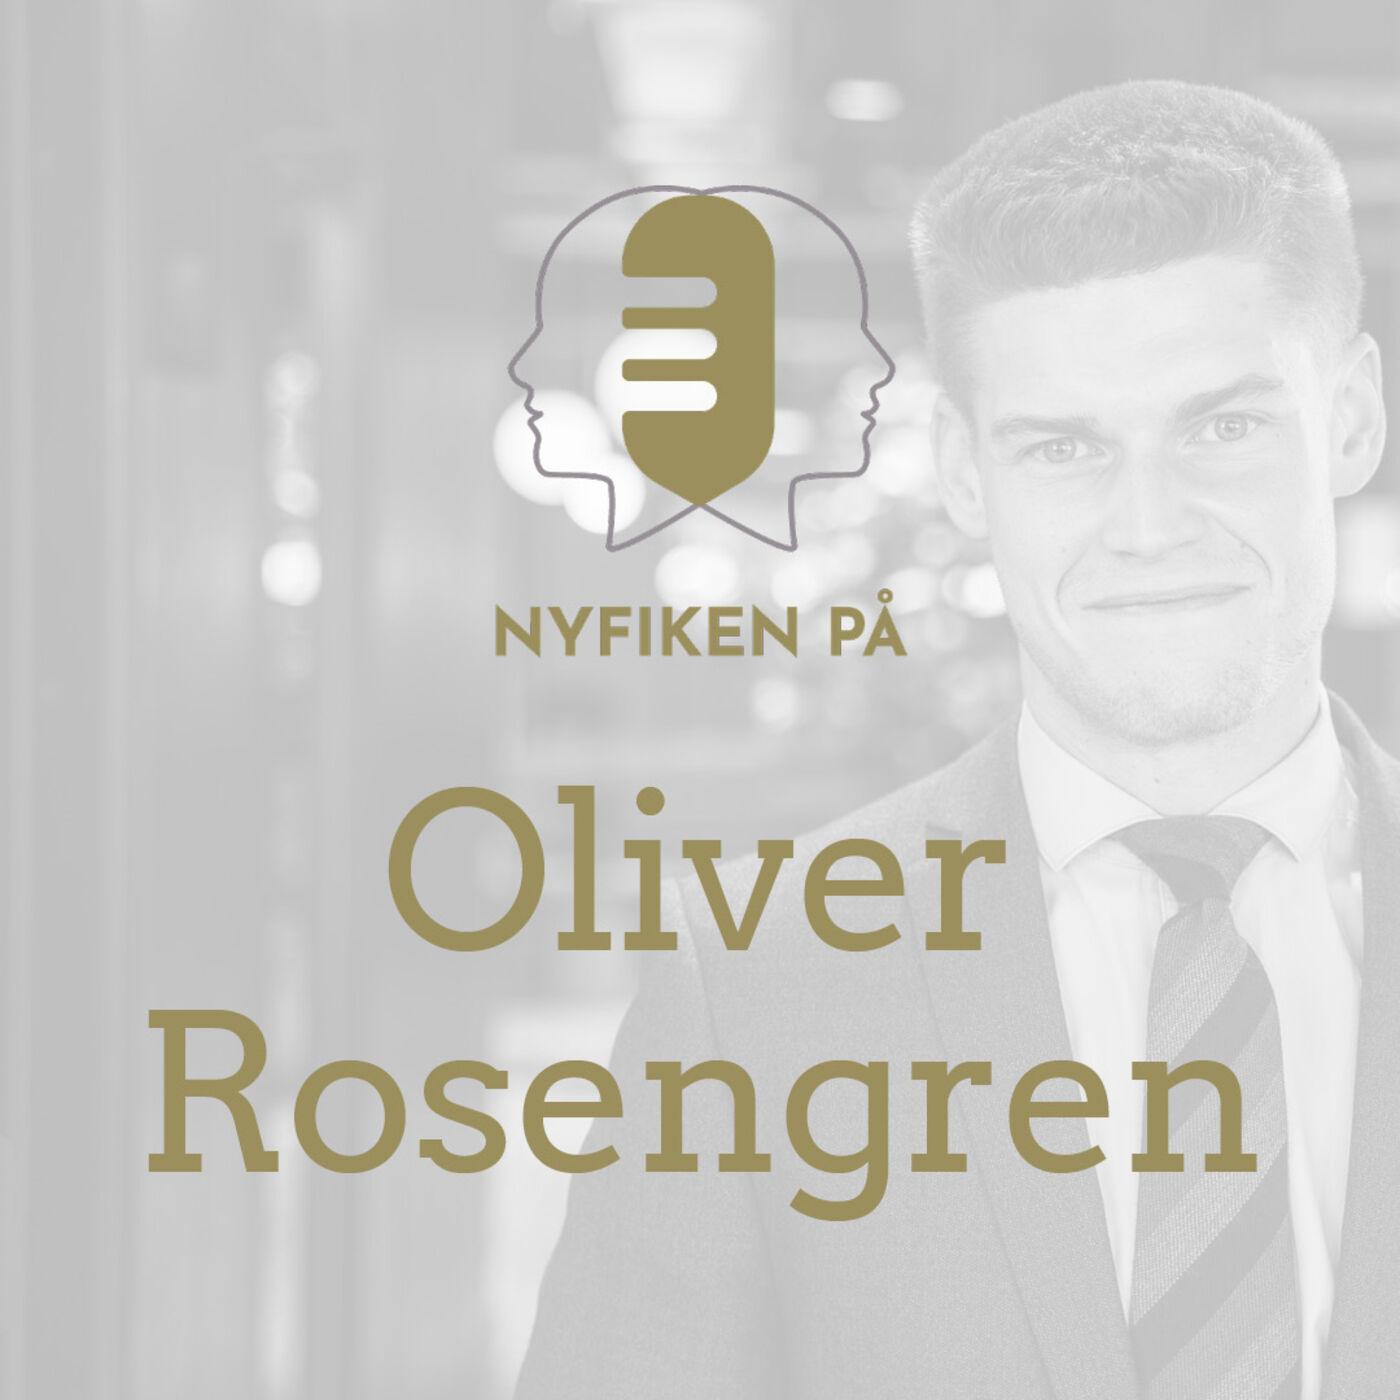 Nyfiken på Oliver Rosengren, Kommunalråd Växjö